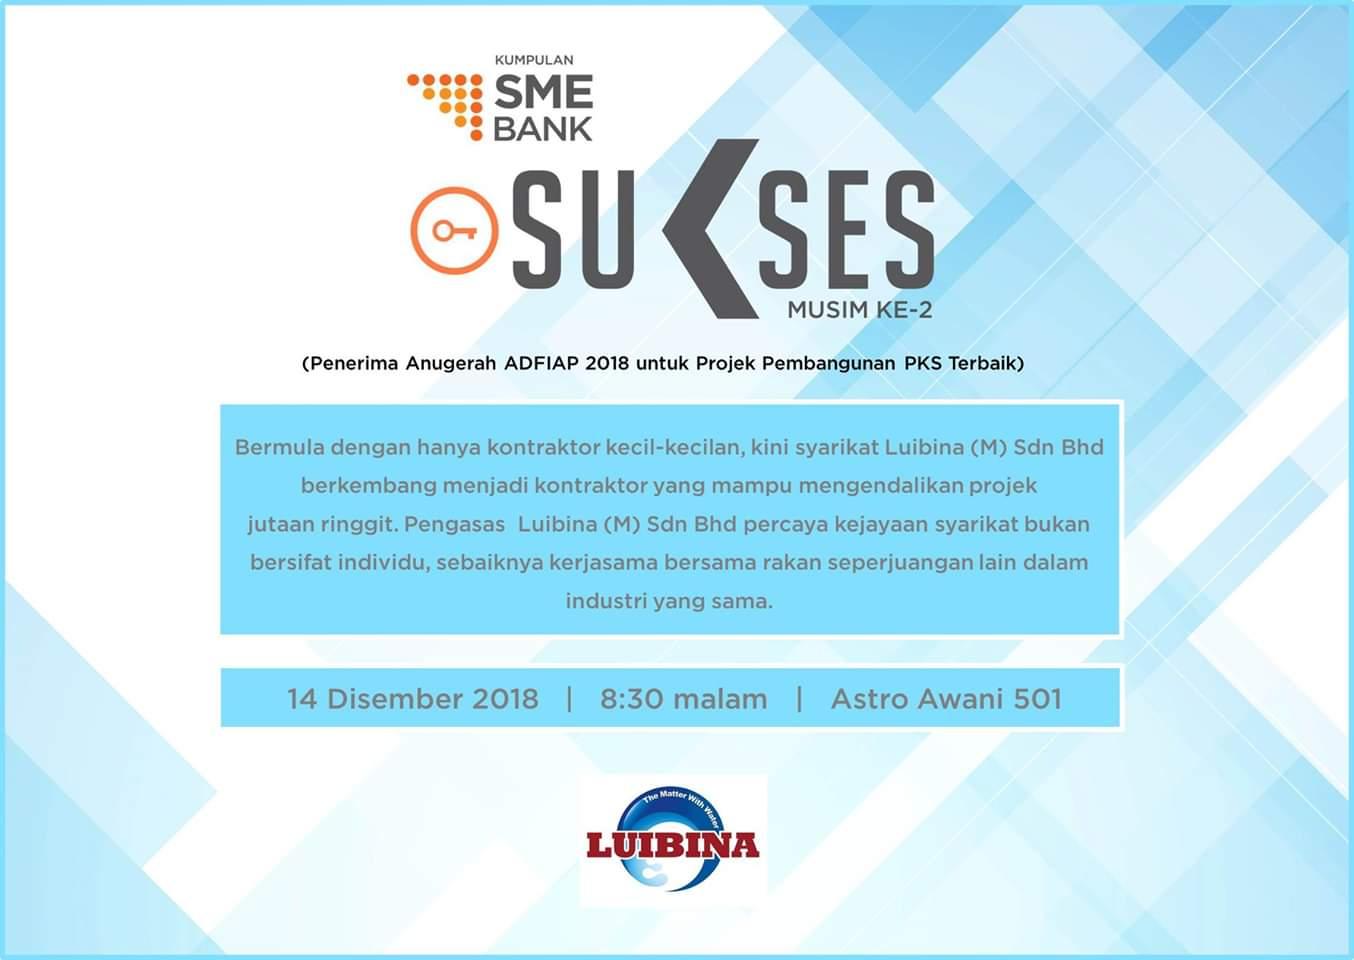 Sme Bank On Twitter Bermula Dengan Hanya Kontraktor Kecil Kecilan Kini Syarikat Luibina M Sdn Bhd Berkembang Menjadi Kontraktor Yang Mampu Mengendalikan Projek Jutaan Ringgit Saksikan Kisah Kejayaan Dan Dapatkan Tip Tip Perniagaan Dalam